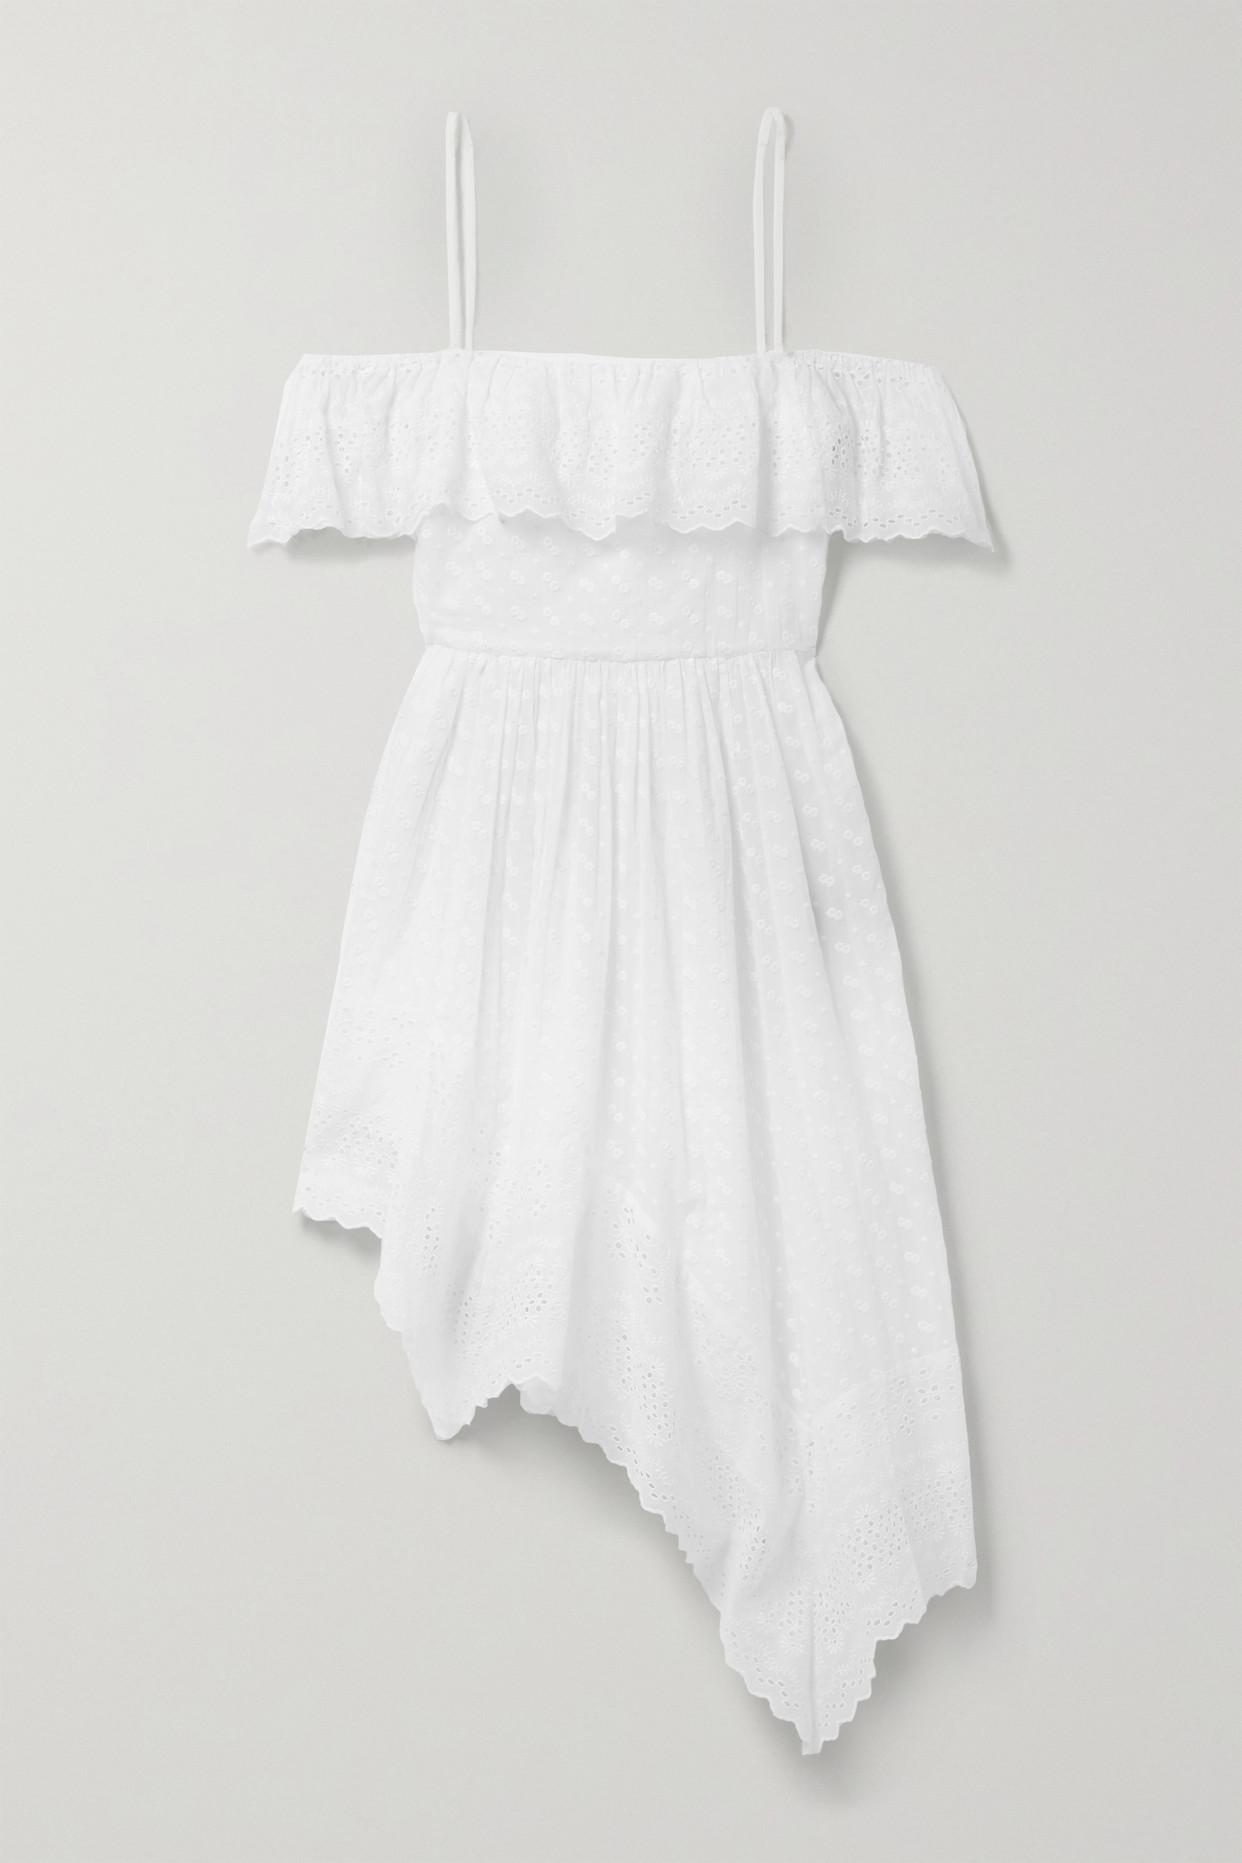 ISABEL MARANT ÉTOILE - Timoria Asymmetric Broderie Anglaise Cotton Dress - White - FR38